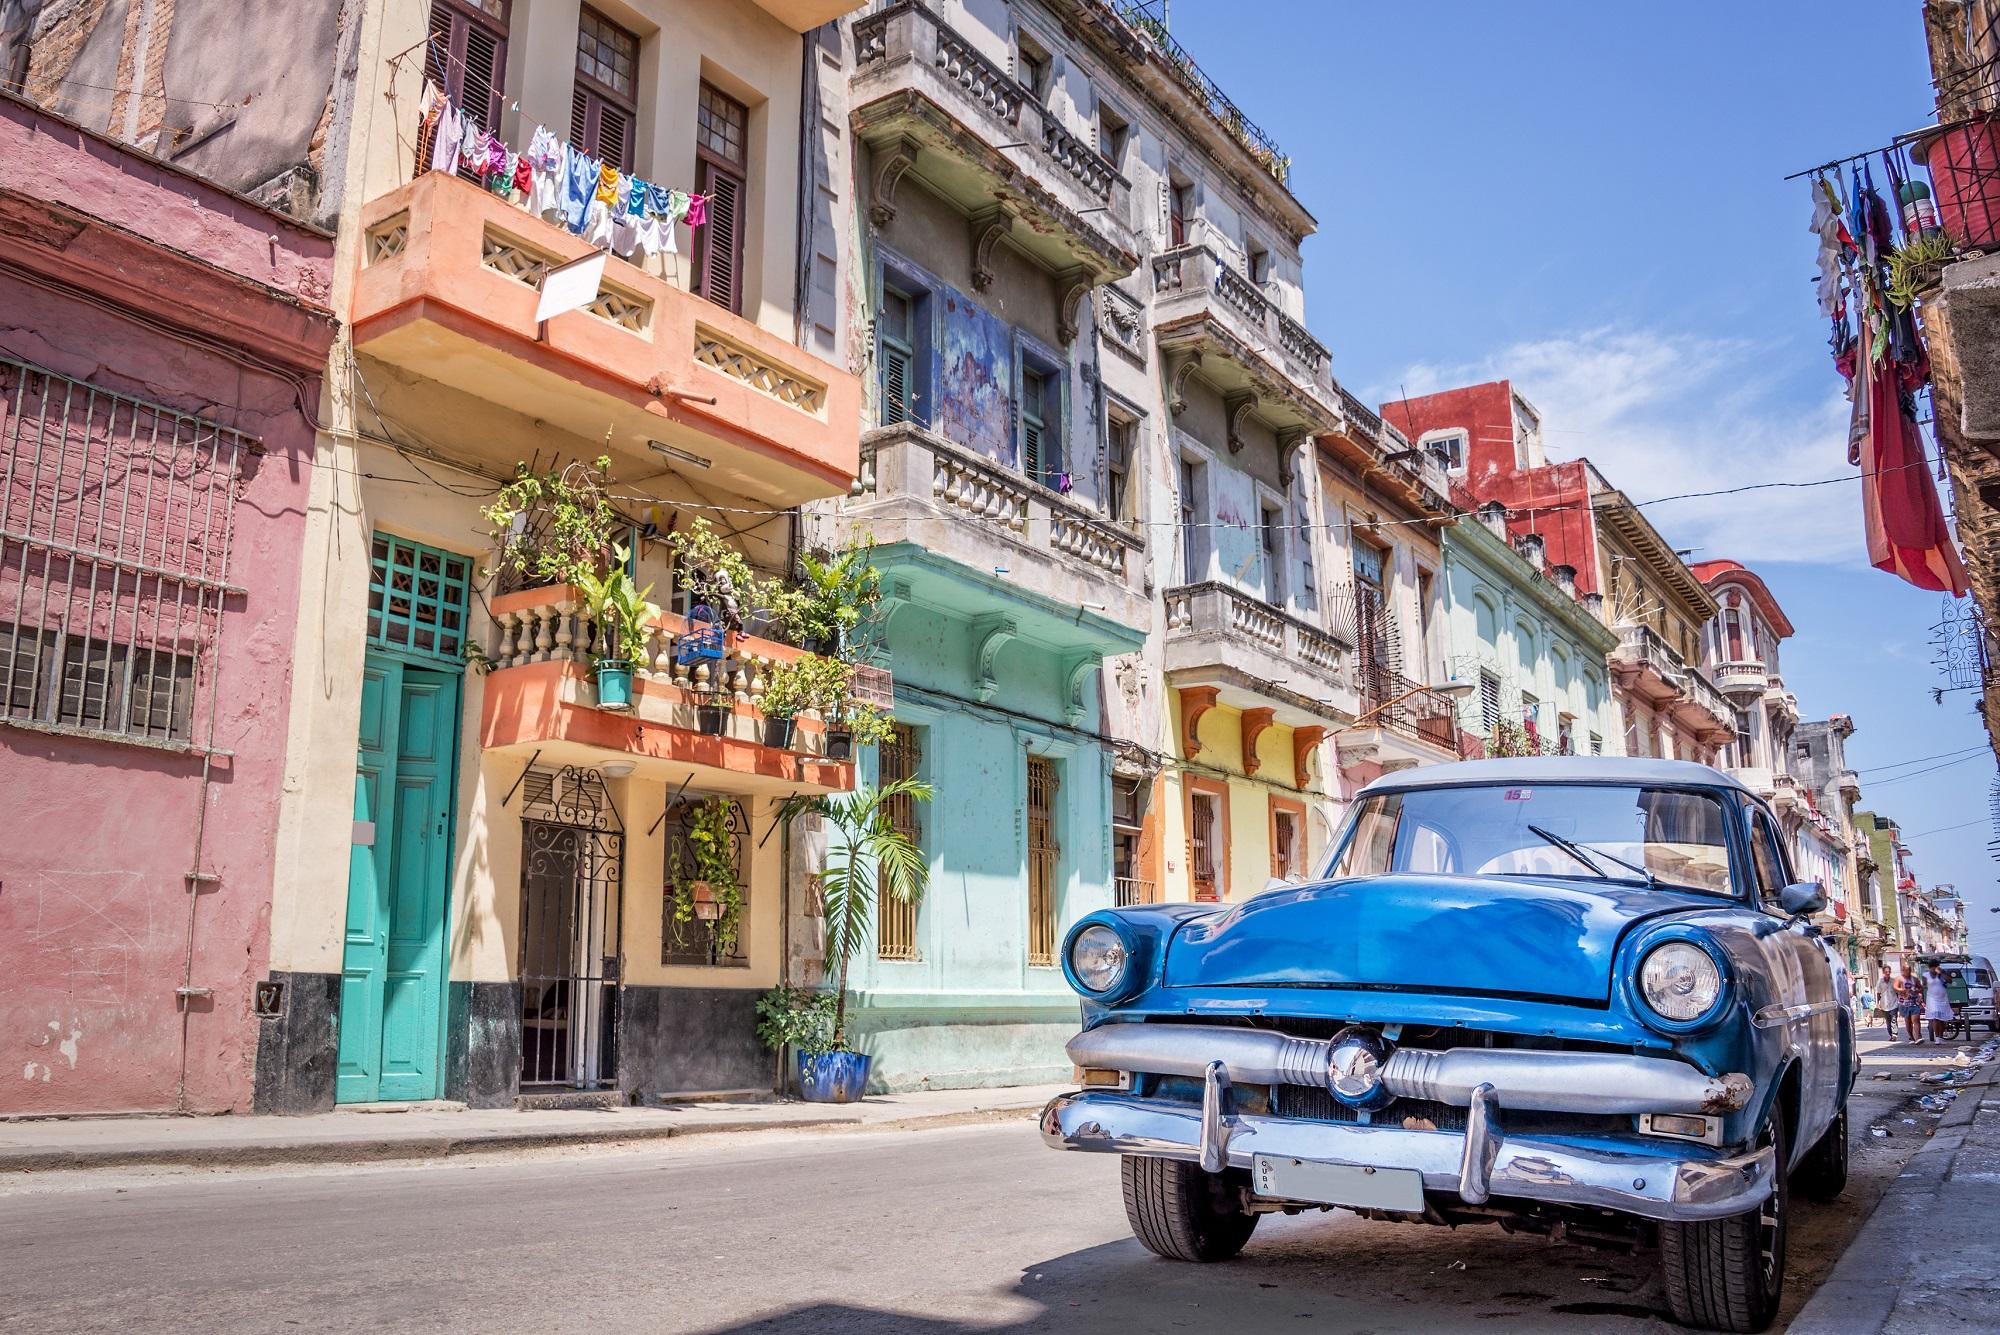 Voyages, circuits, Séjour et Autotours à Cuba. Voyages aux Caraïbes. Les comptoirs du Monde, agence de voyage pour individuels et groupes